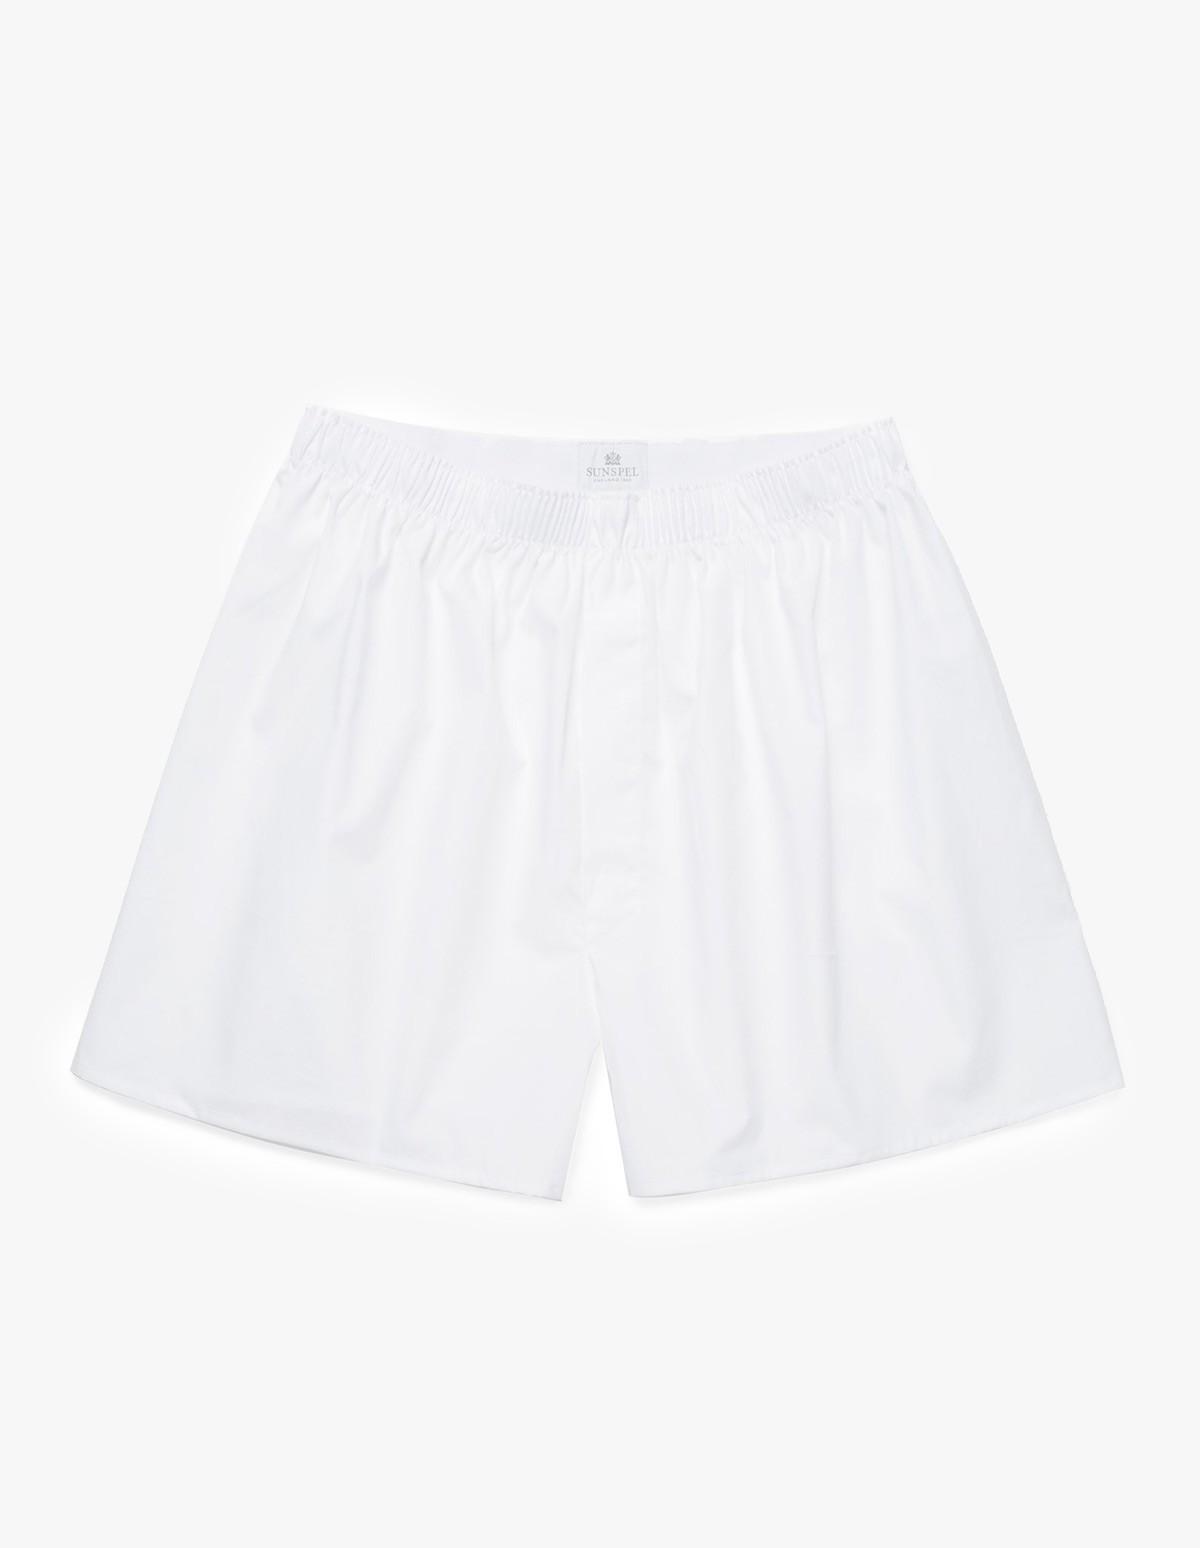 Sunspel Classic Boxer Short  in White